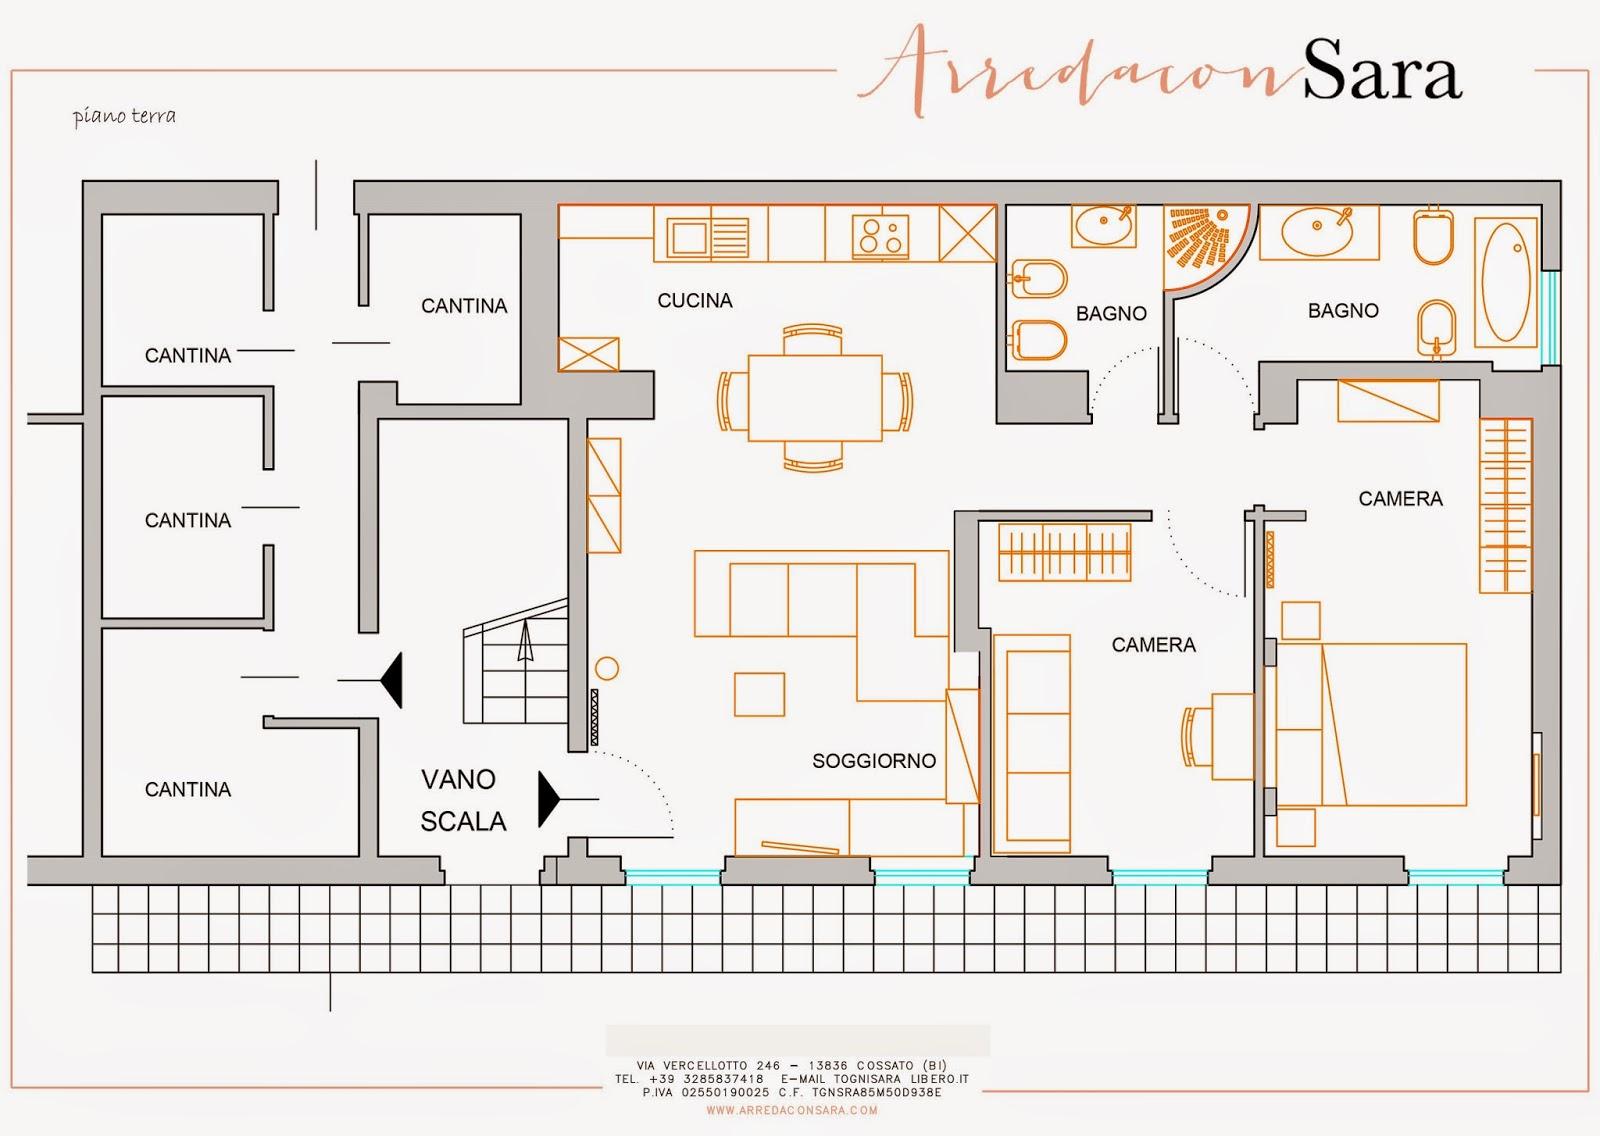 abbastanza Progetto d'interni per un appartamento a Vigliano | Arreda con Sara EL64